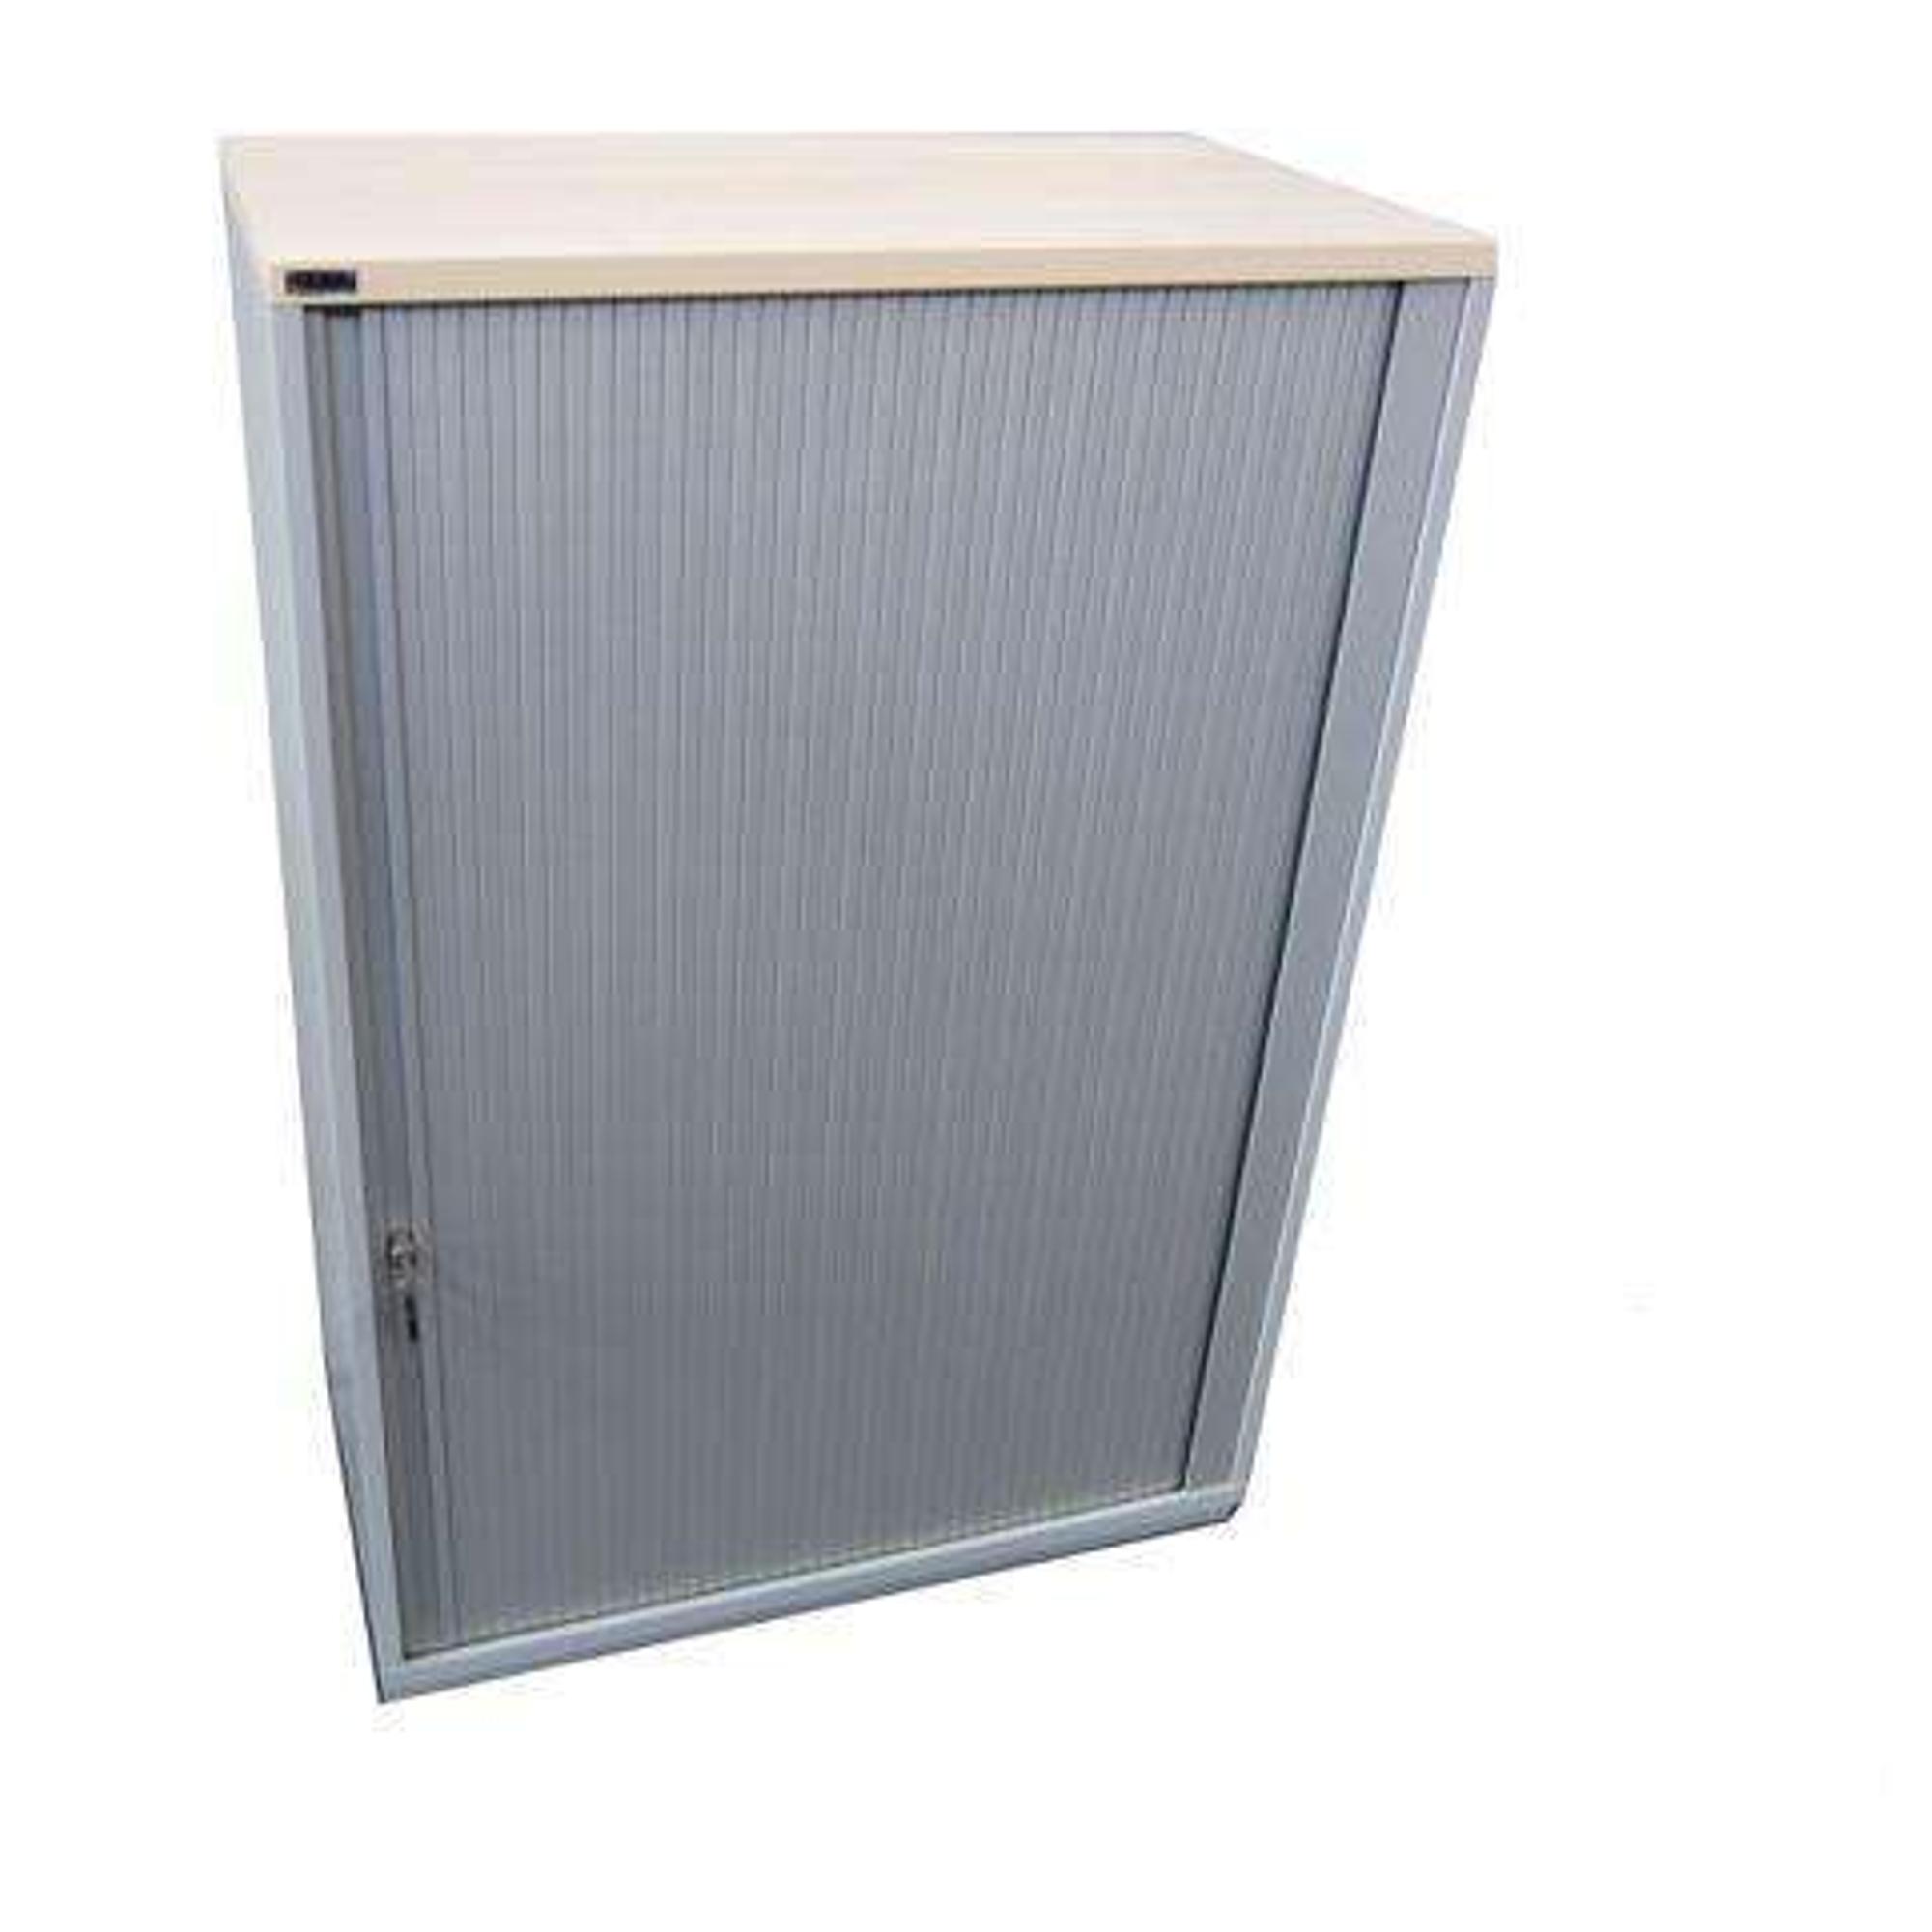 Ceka Sideboard 3oh Korpus Silber Deckplatte Ahorn Sideboard